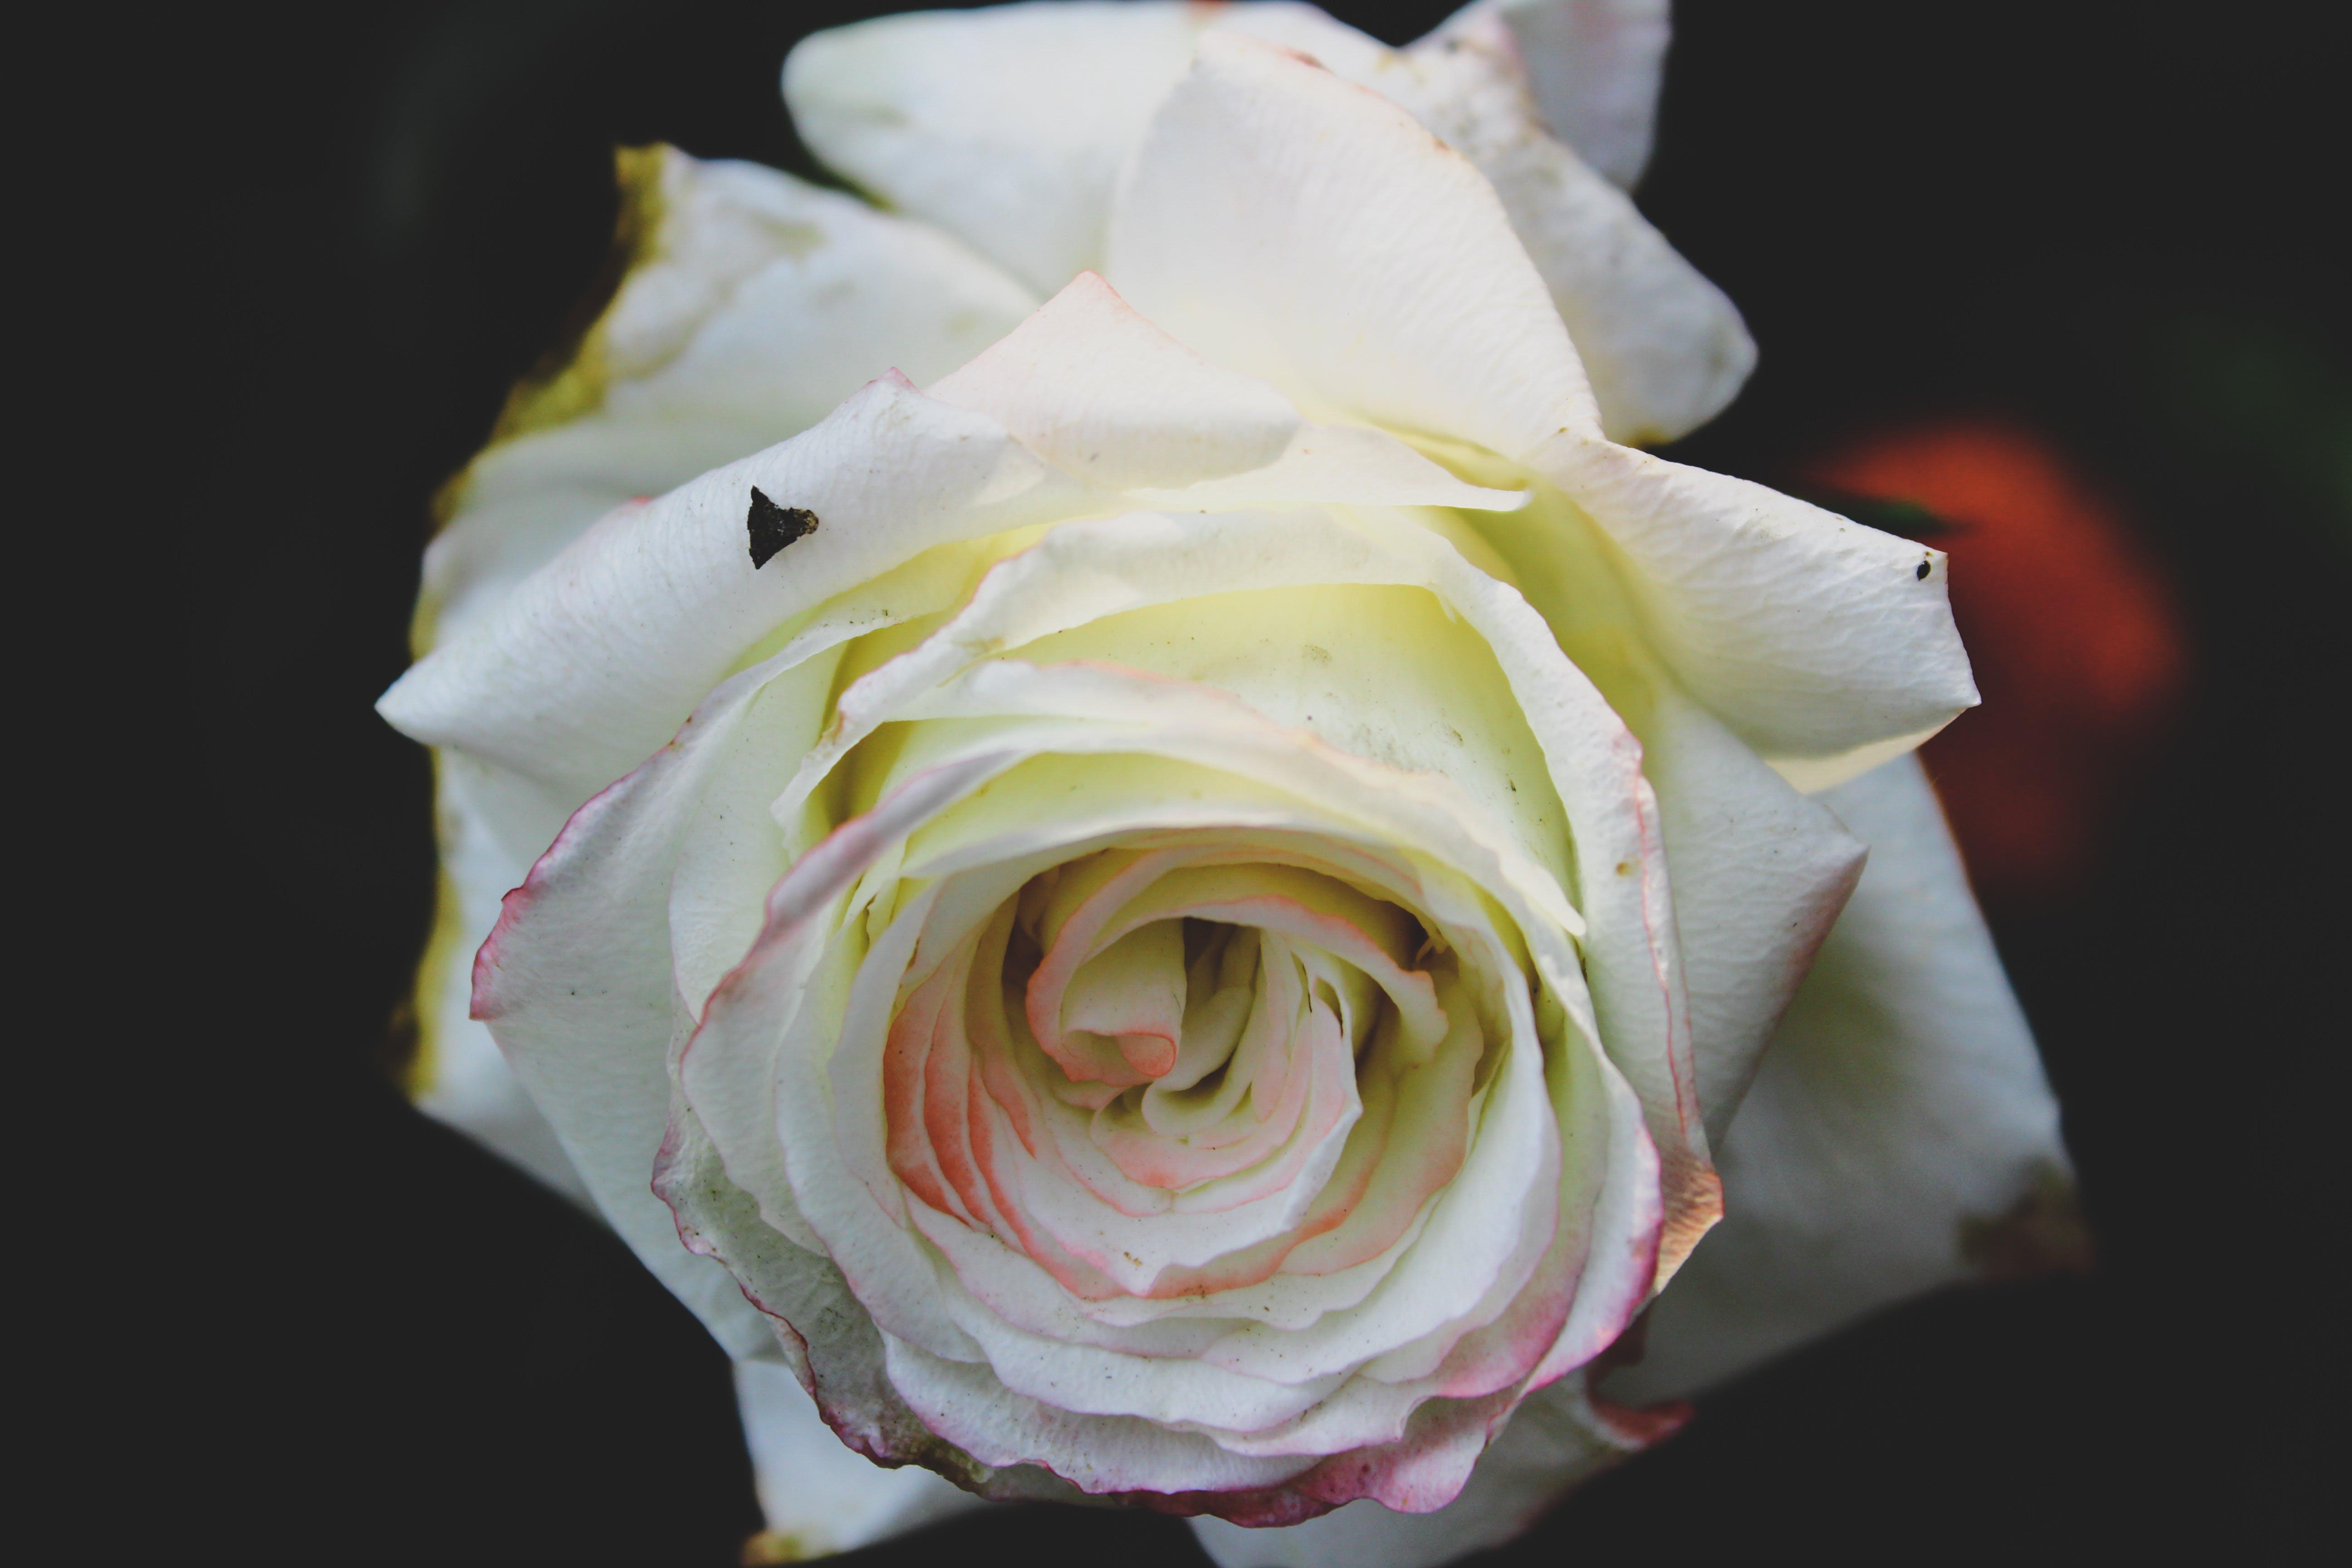 ボタニカル, ローズ, 白いバラ, 美しいの無料の写真素材